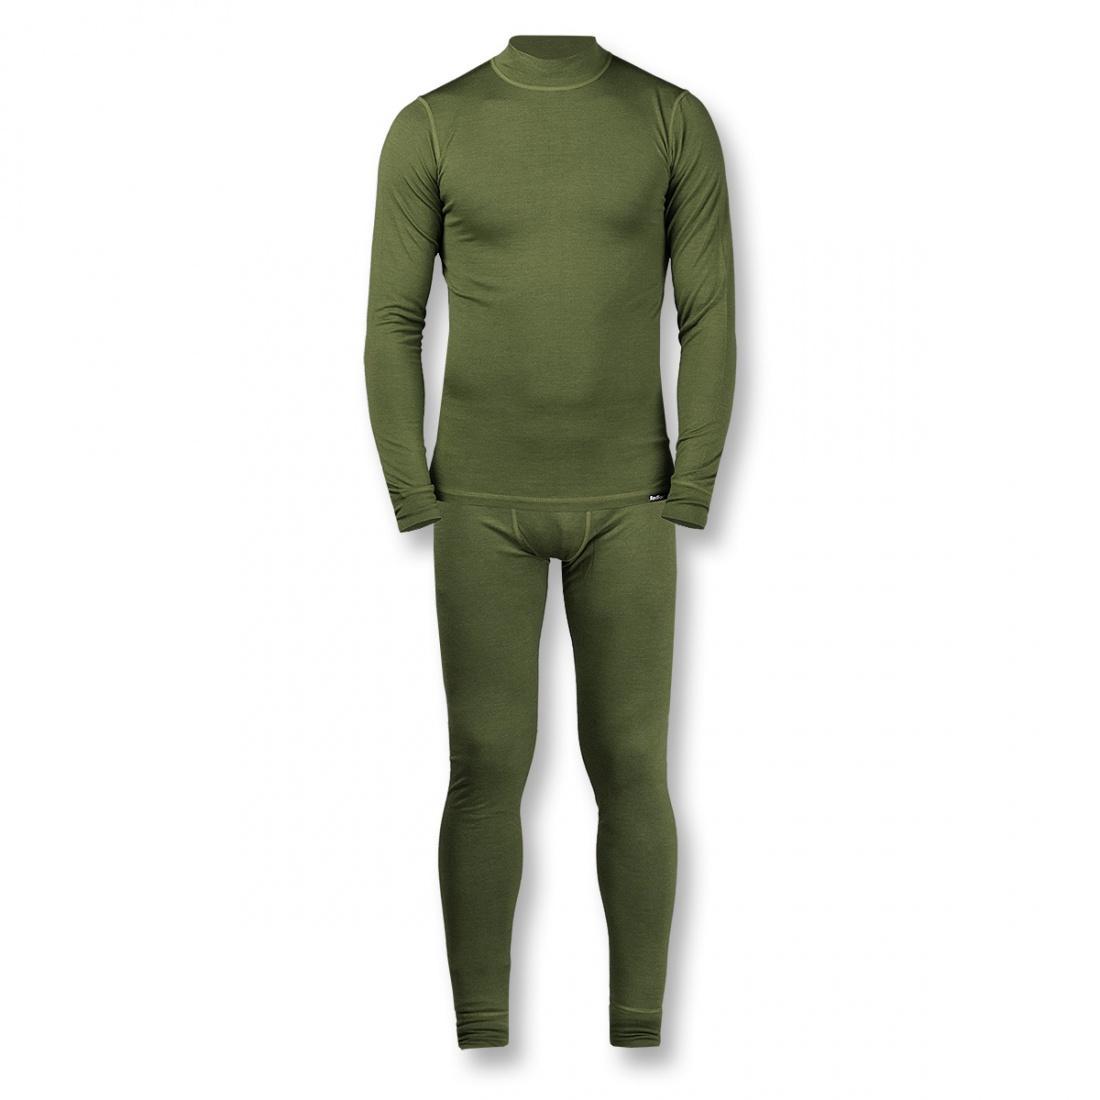 Термобелье костюм Wool Dry Light МужскойКомплекты<br><br> Теплое мужское термобелье для любителей одежды изнатуральных волокон.Выполнено из 100% мериносовой шерсти, естественнымобразом отводит влагу и сохраняет тепло; приятное ктелу. Диапазон использования - любая погода от осенних дождей до зимних сн...<br><br>Цвет: Зеленый<br>Размер: 60